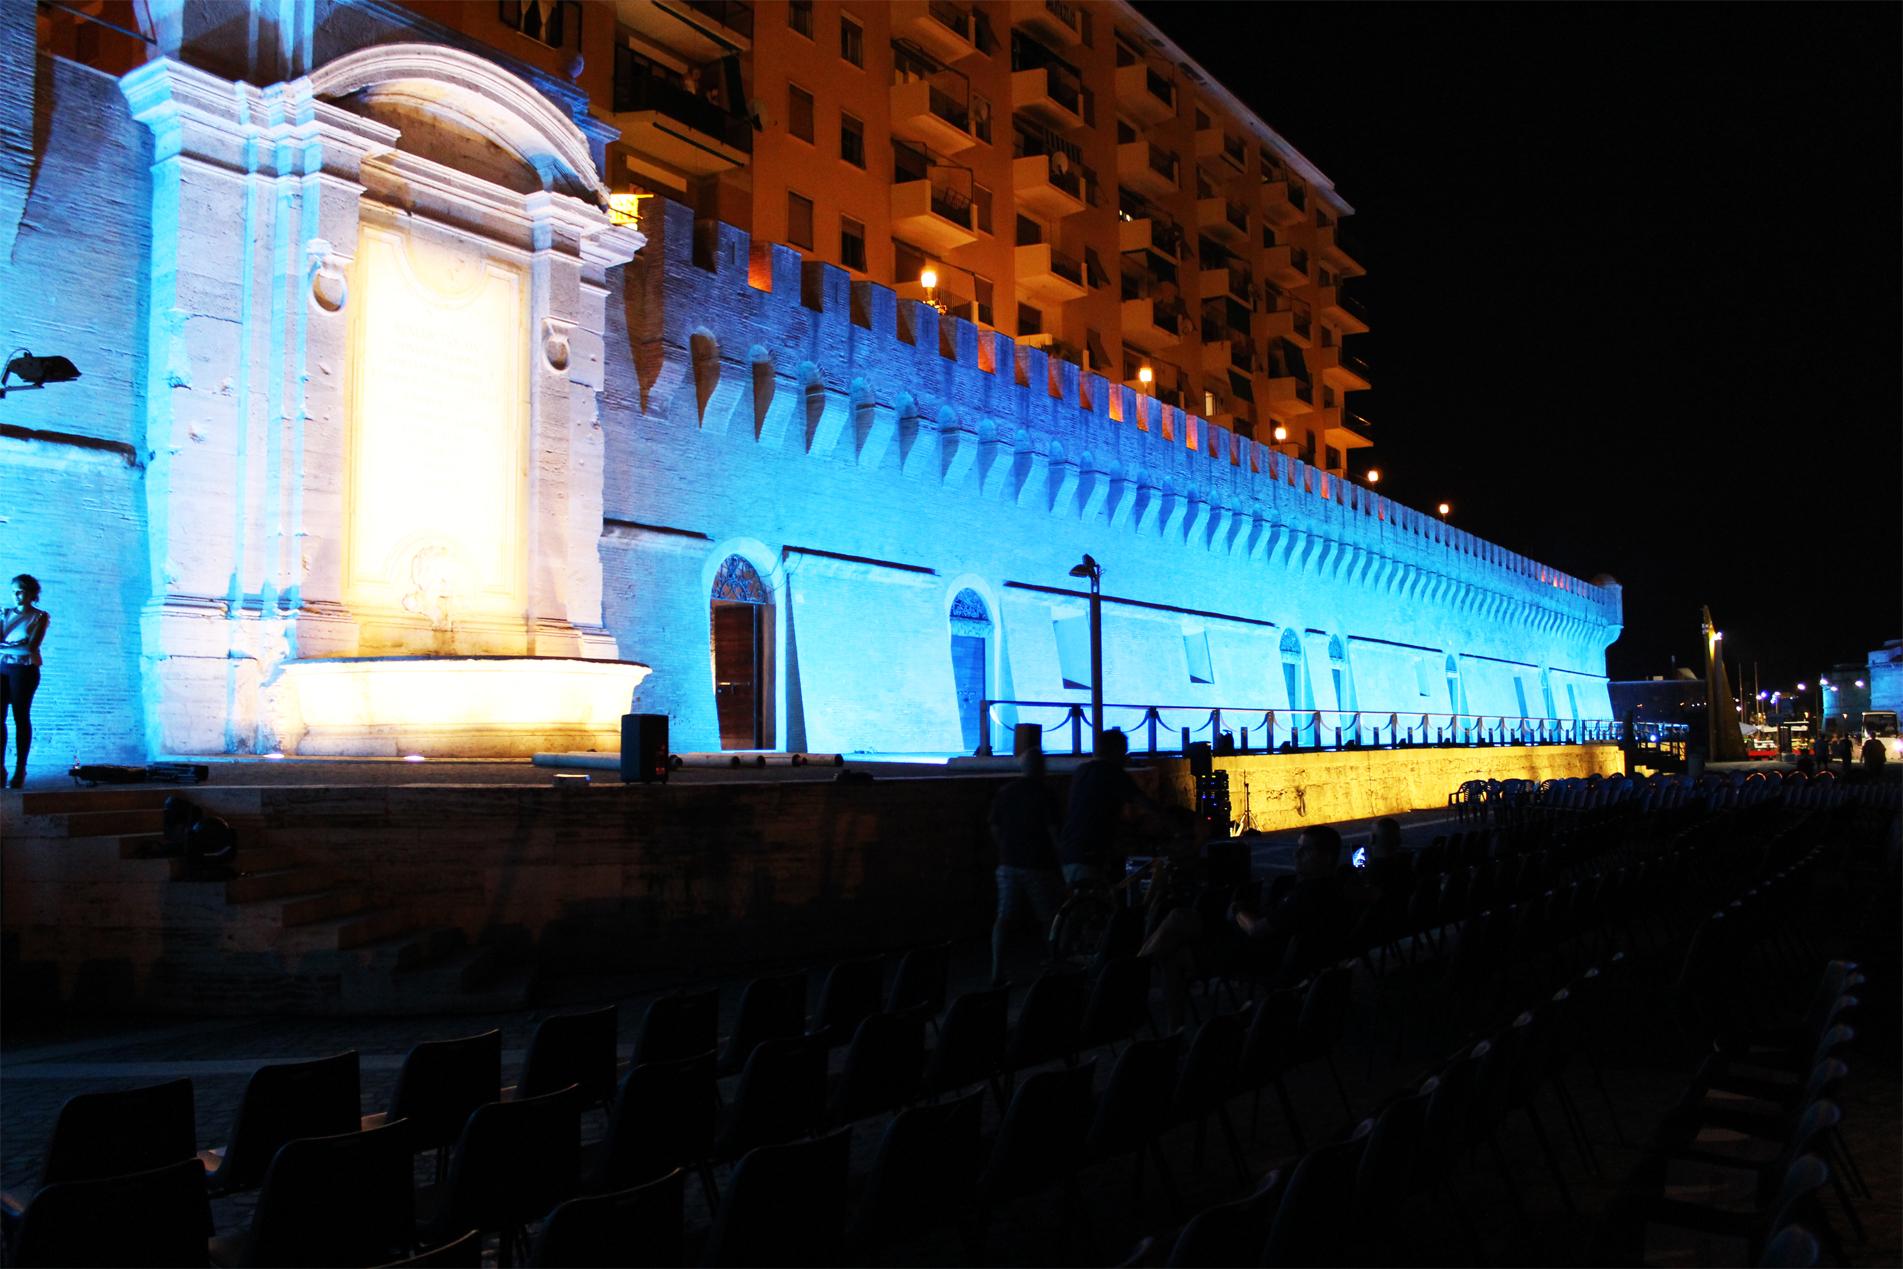 Antico Porto di Traiano - 2017